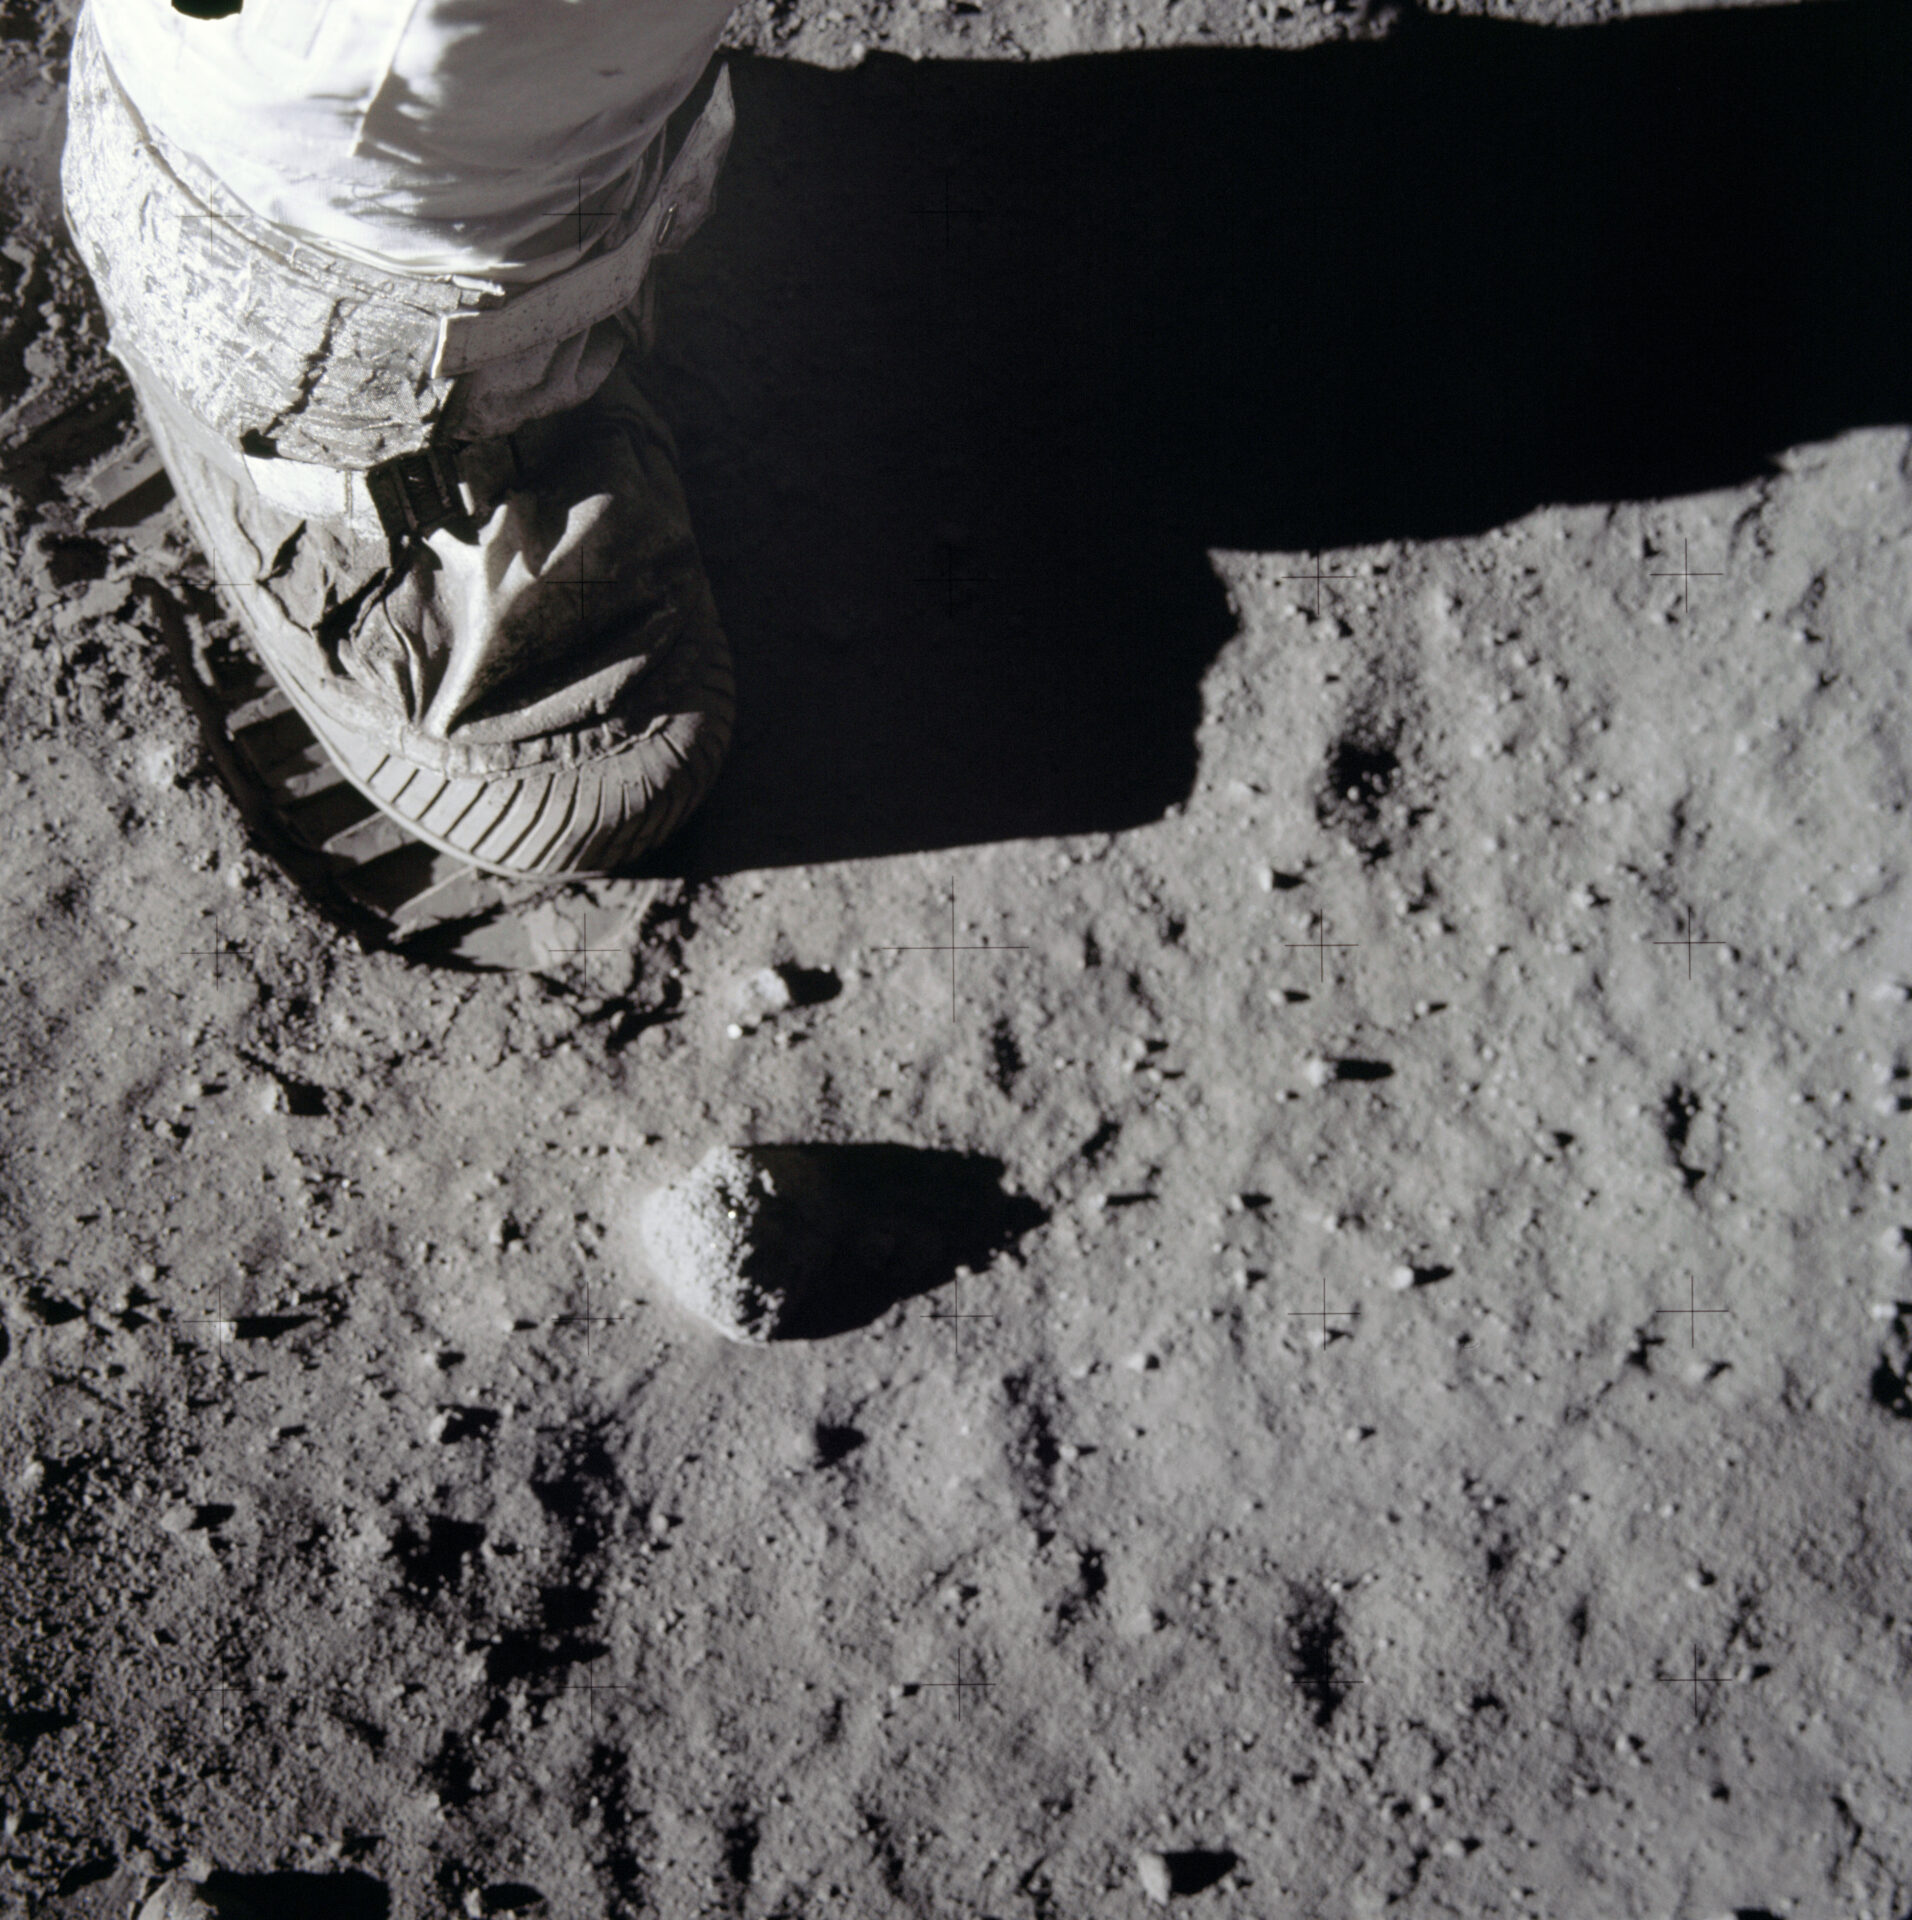 Zdjęcie zodciskiem buta naksiężycu.